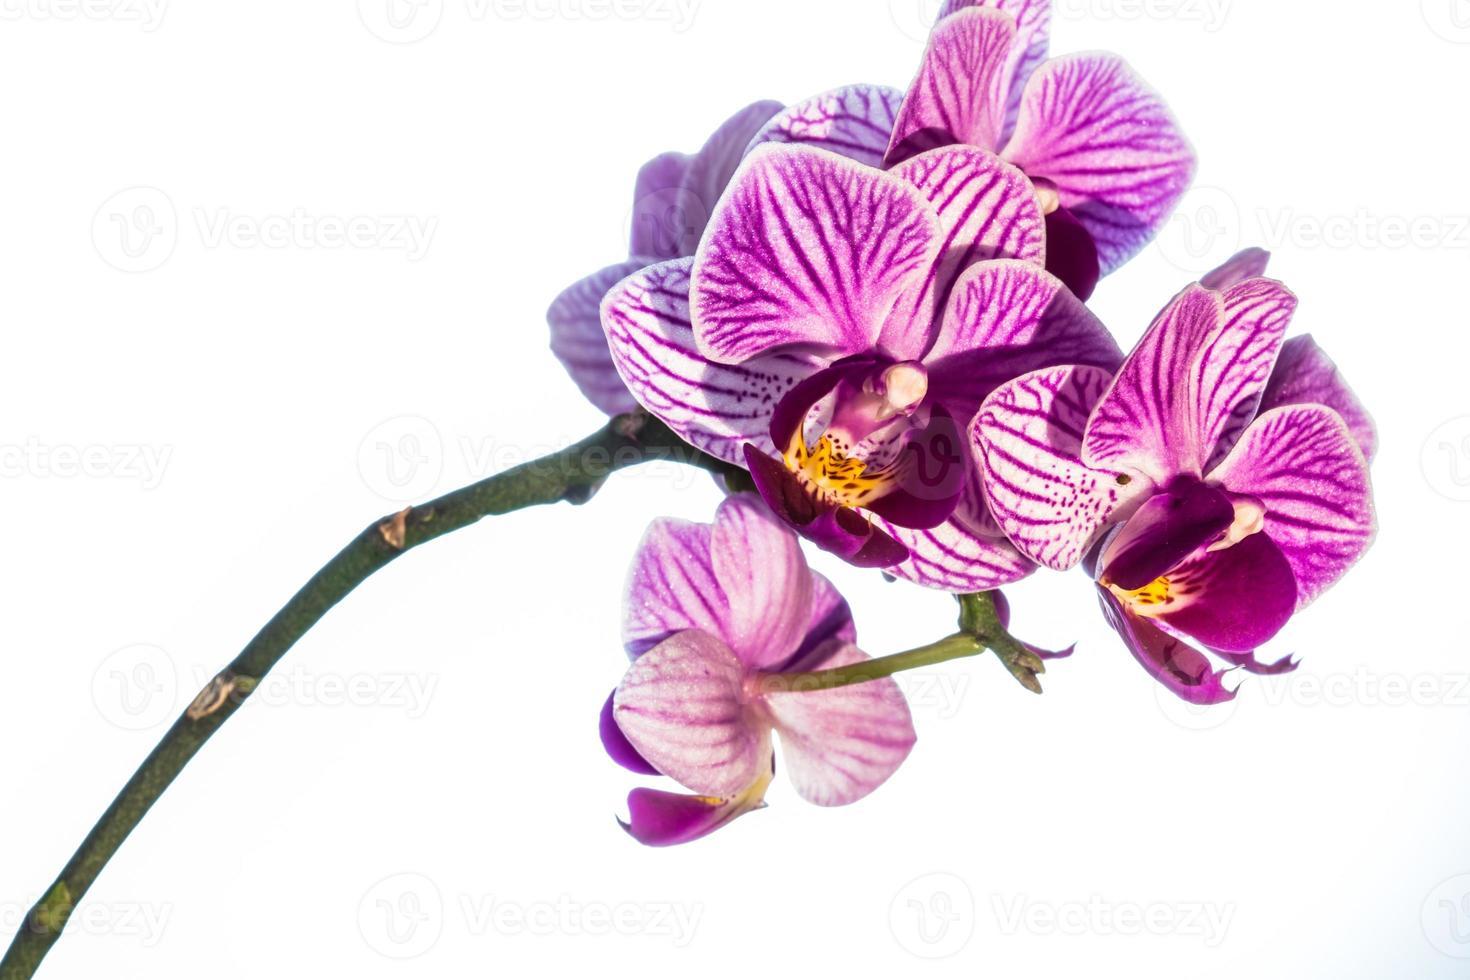 fiore rosa dell'orchidea striato, isolato foto